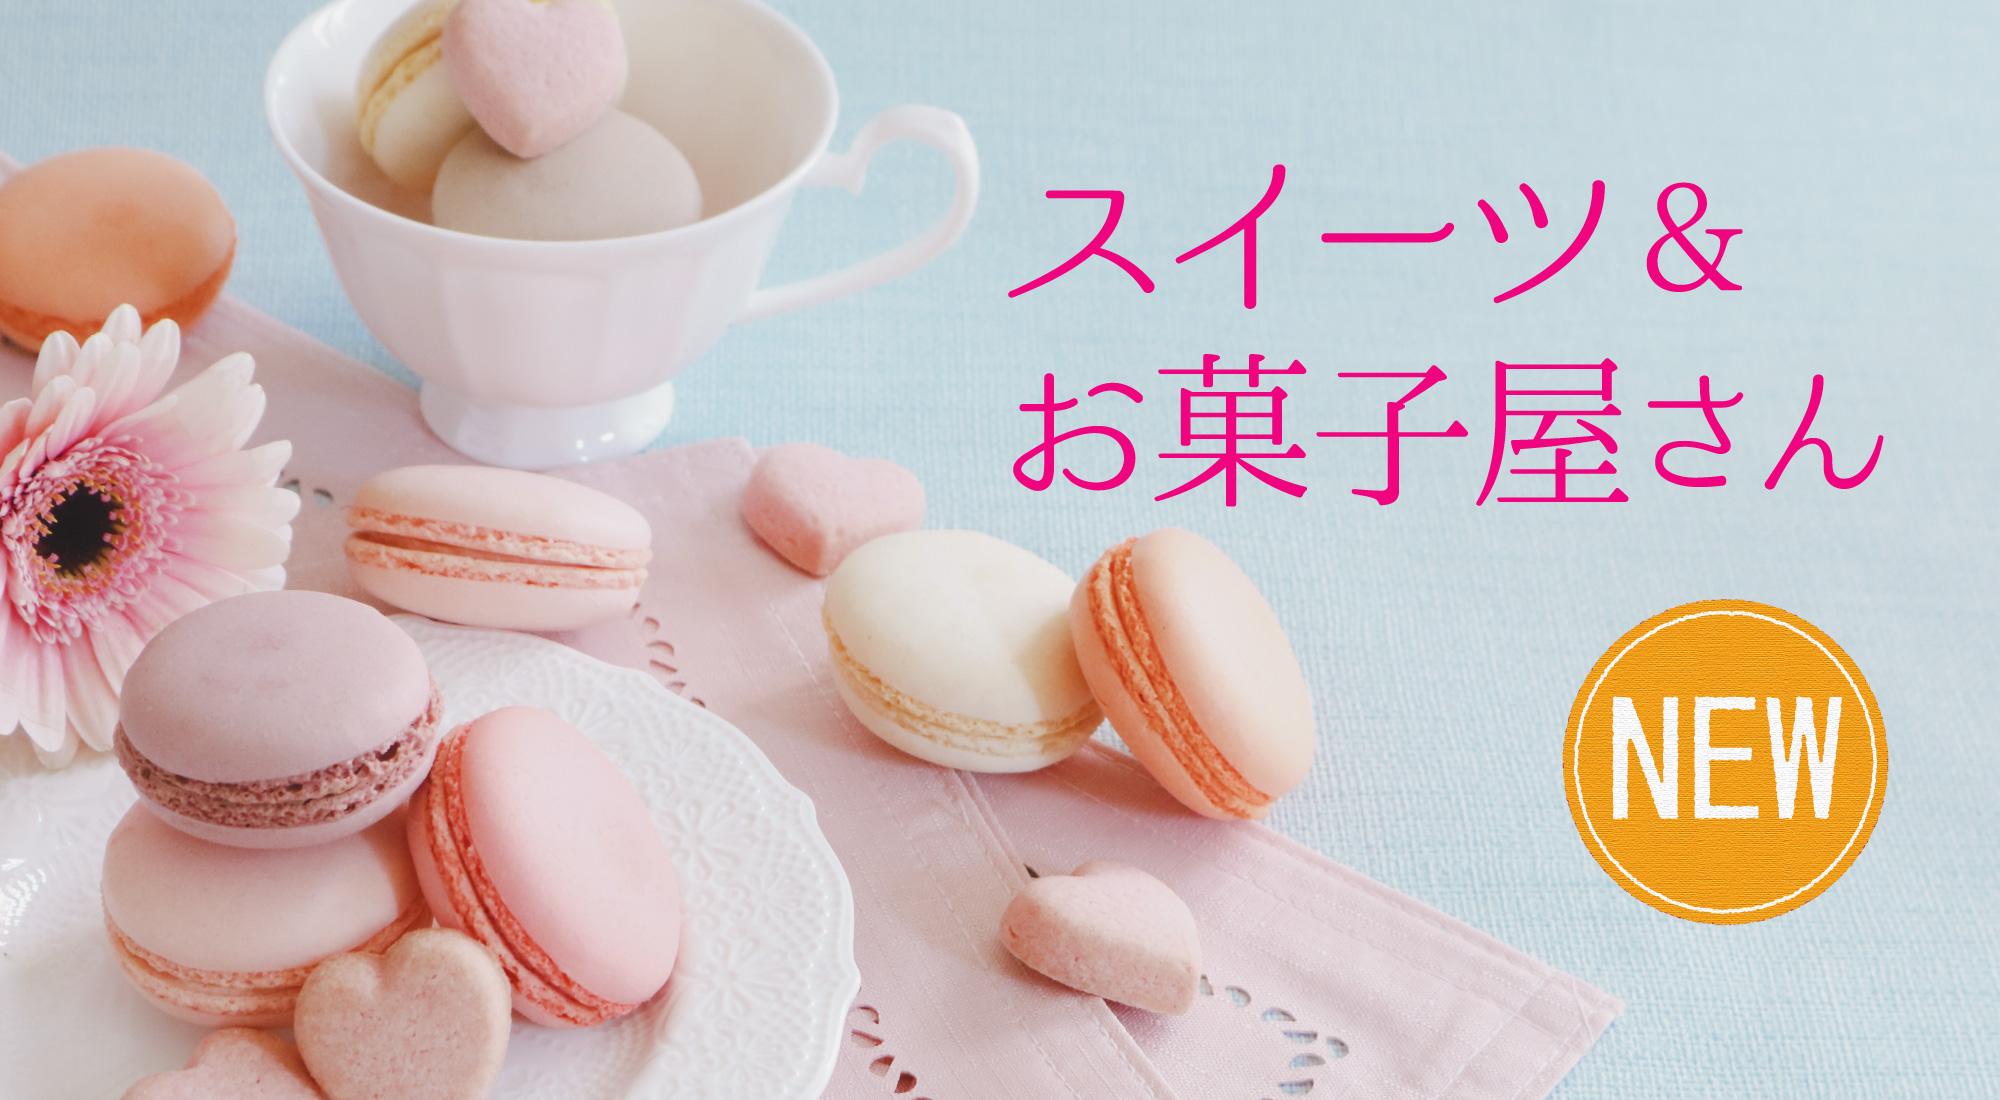 『スイーツ・お菓子屋さん情報』